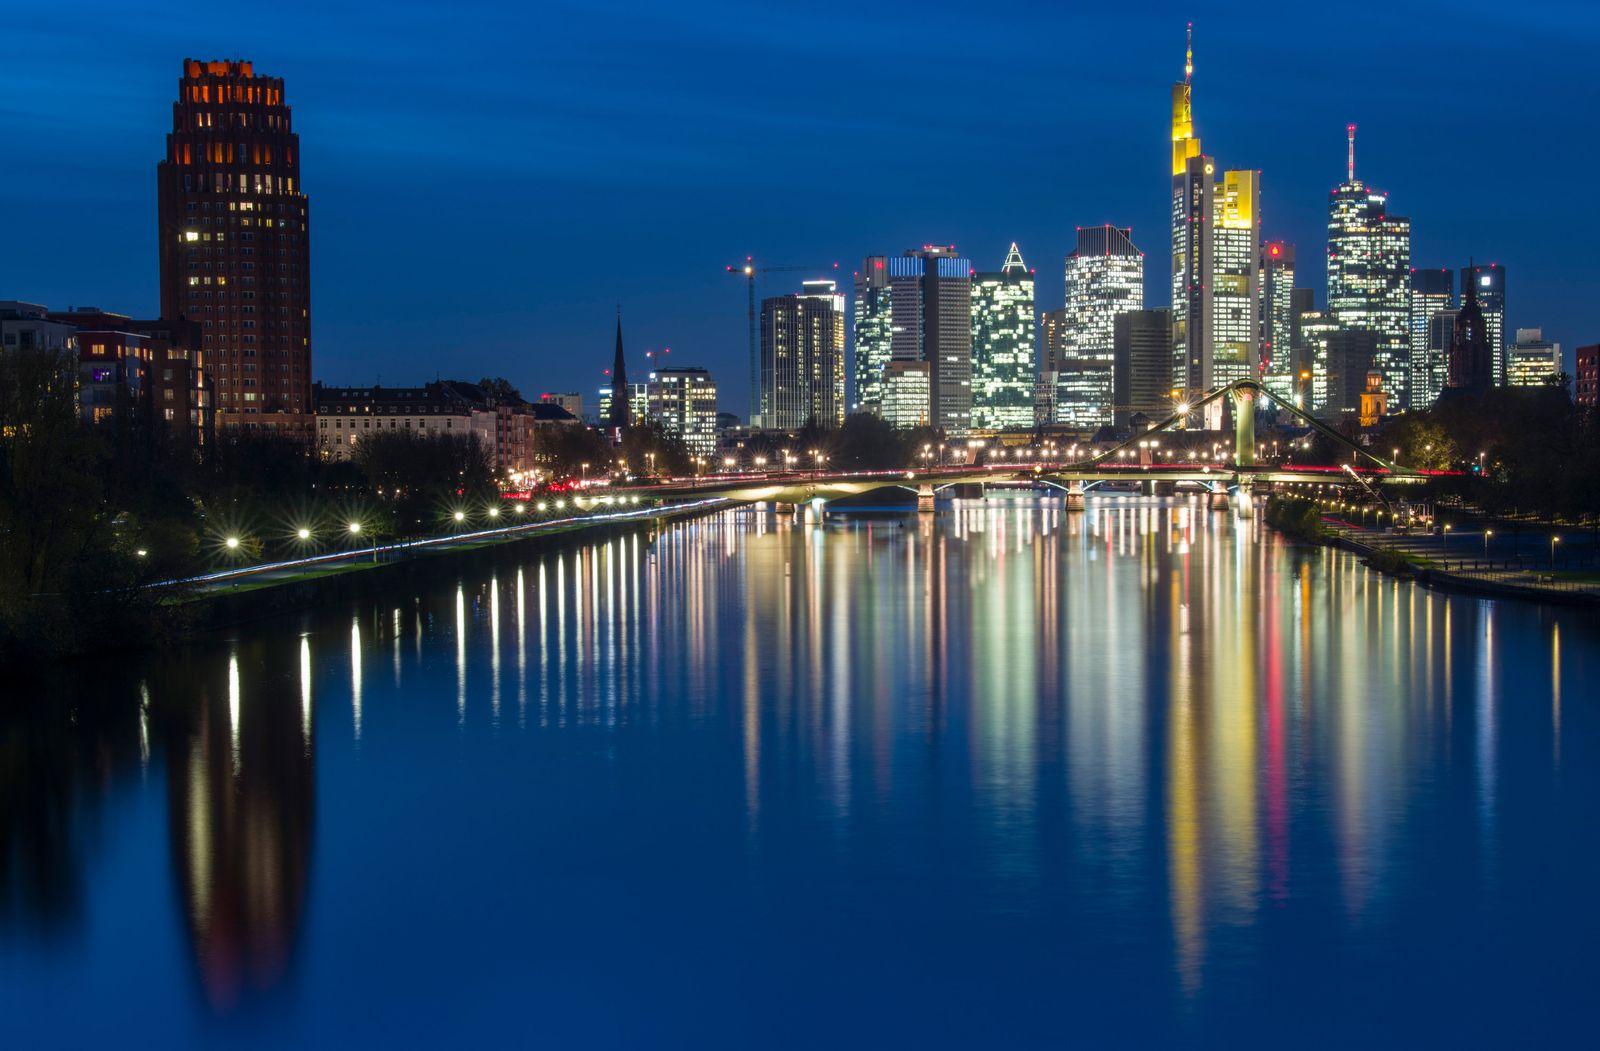 Banken / Frankfurt